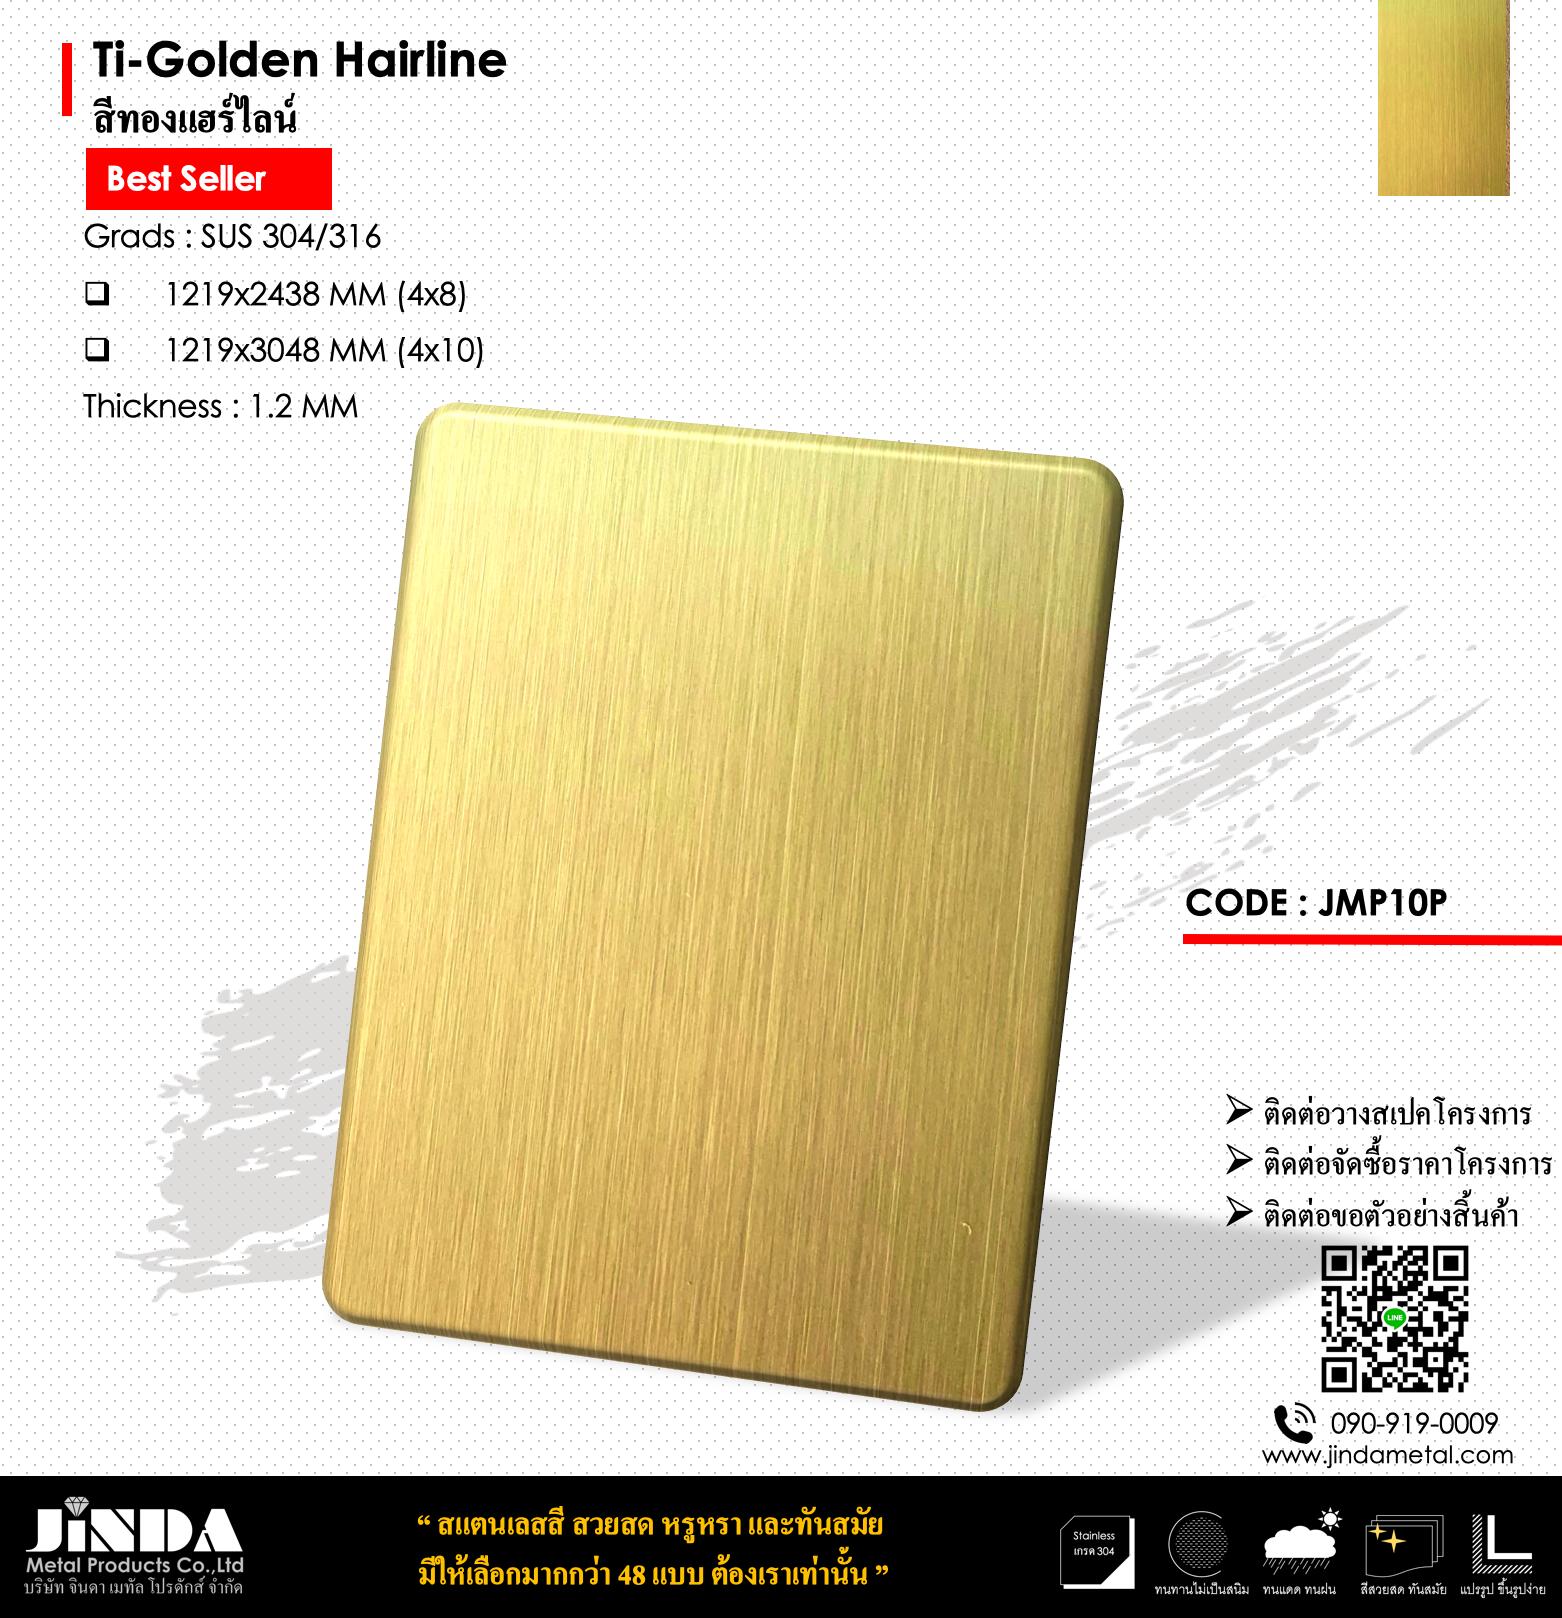 Ti-Golden Hairline สีทองแฮร์ไลน์